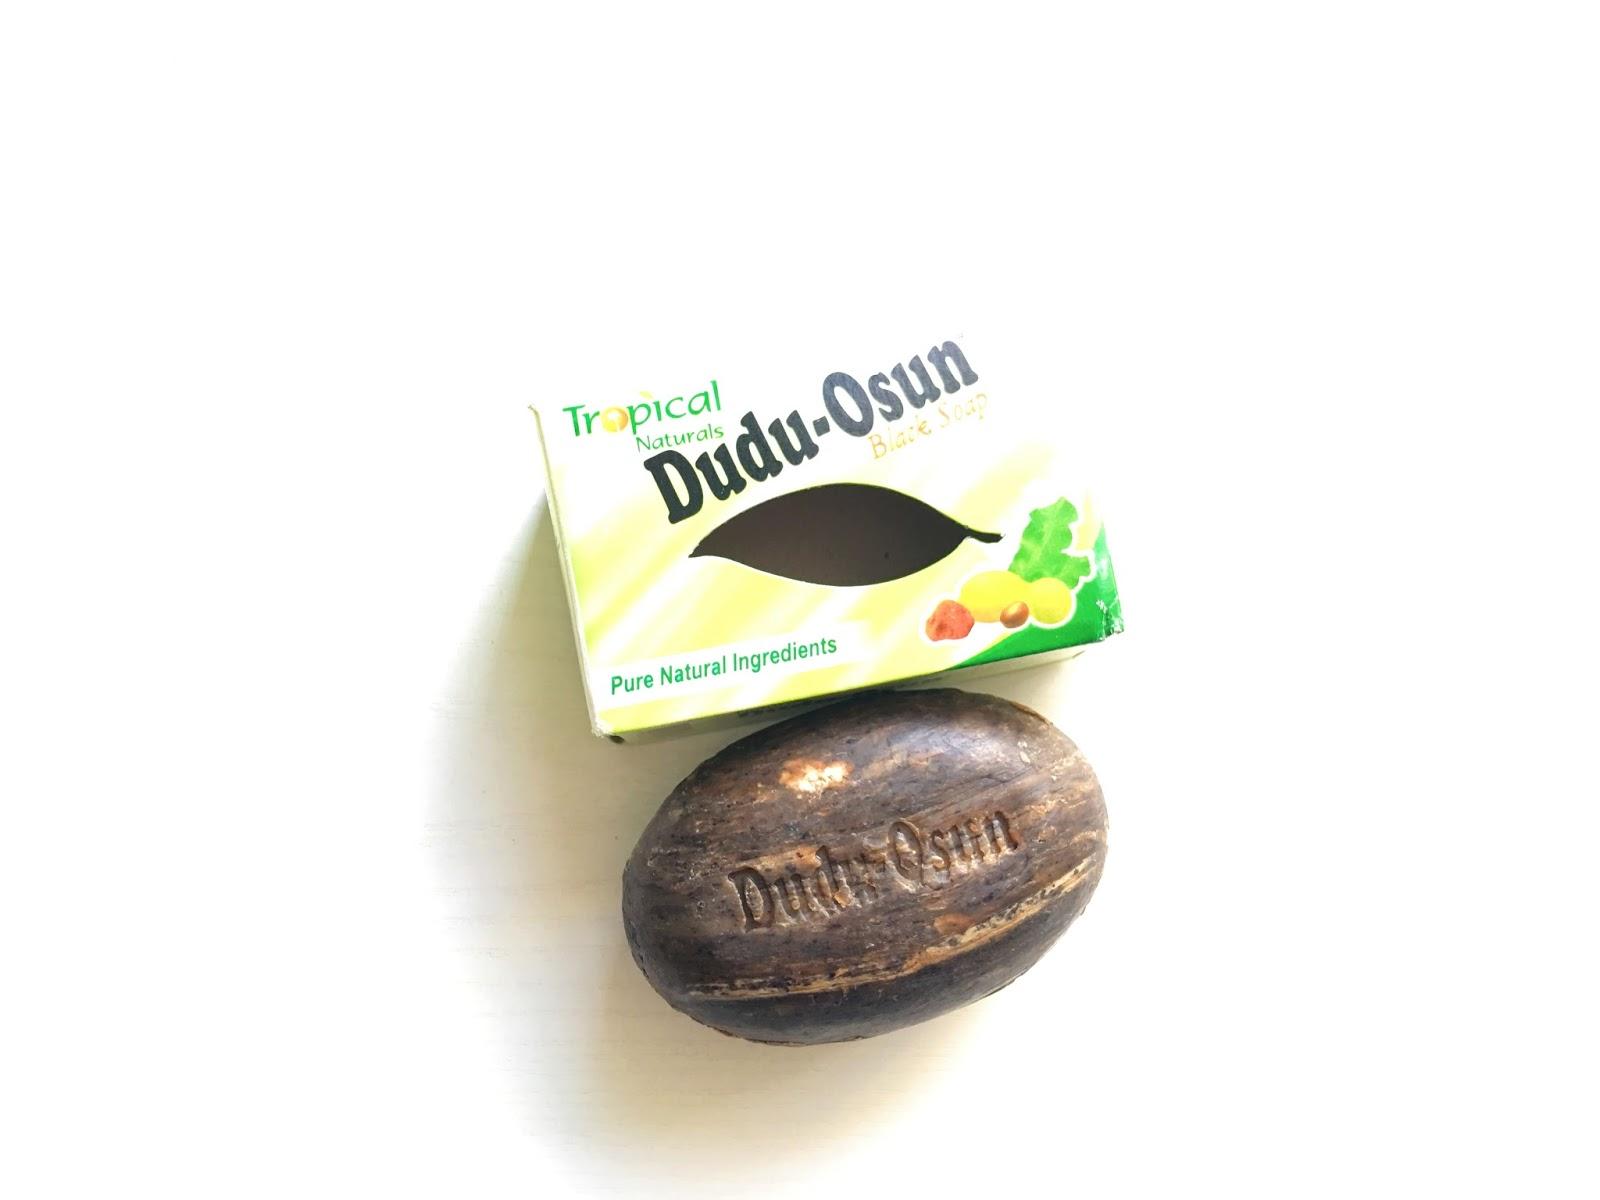 Le savon magique savon noir dudu osun tashavlog - Savon noir briochin avis ...